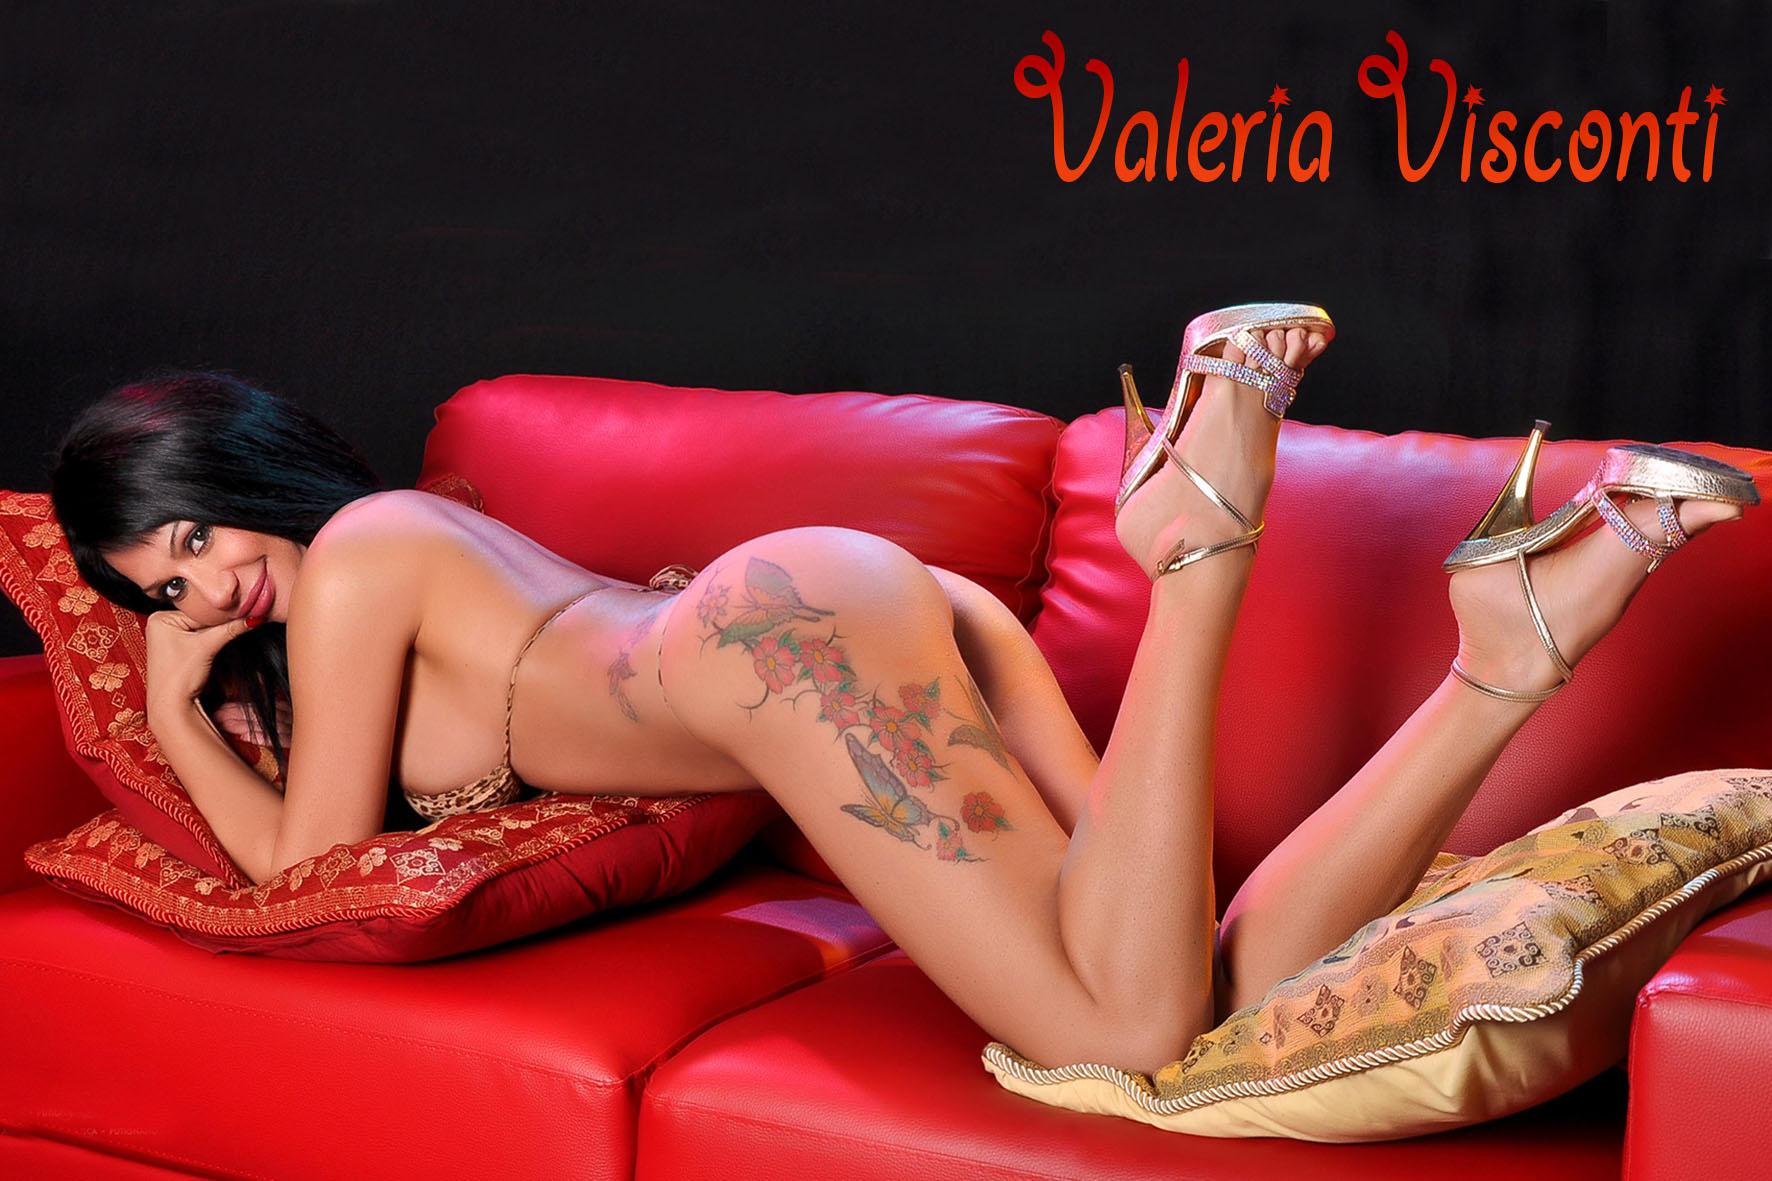 Valeria Visconti 7.jpg